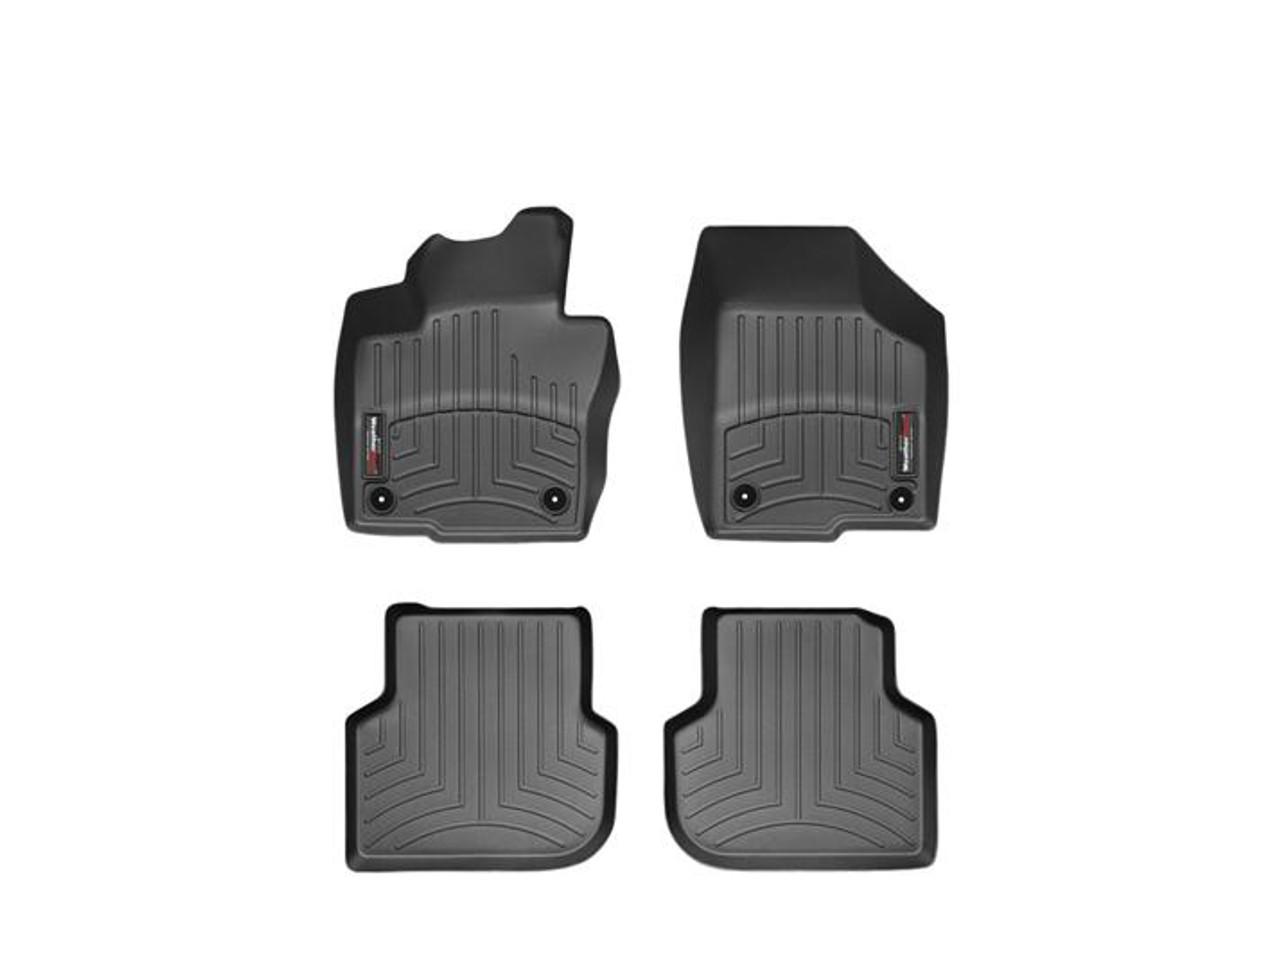 VW Jetta GLI WeatherTech FloorLiners - Black